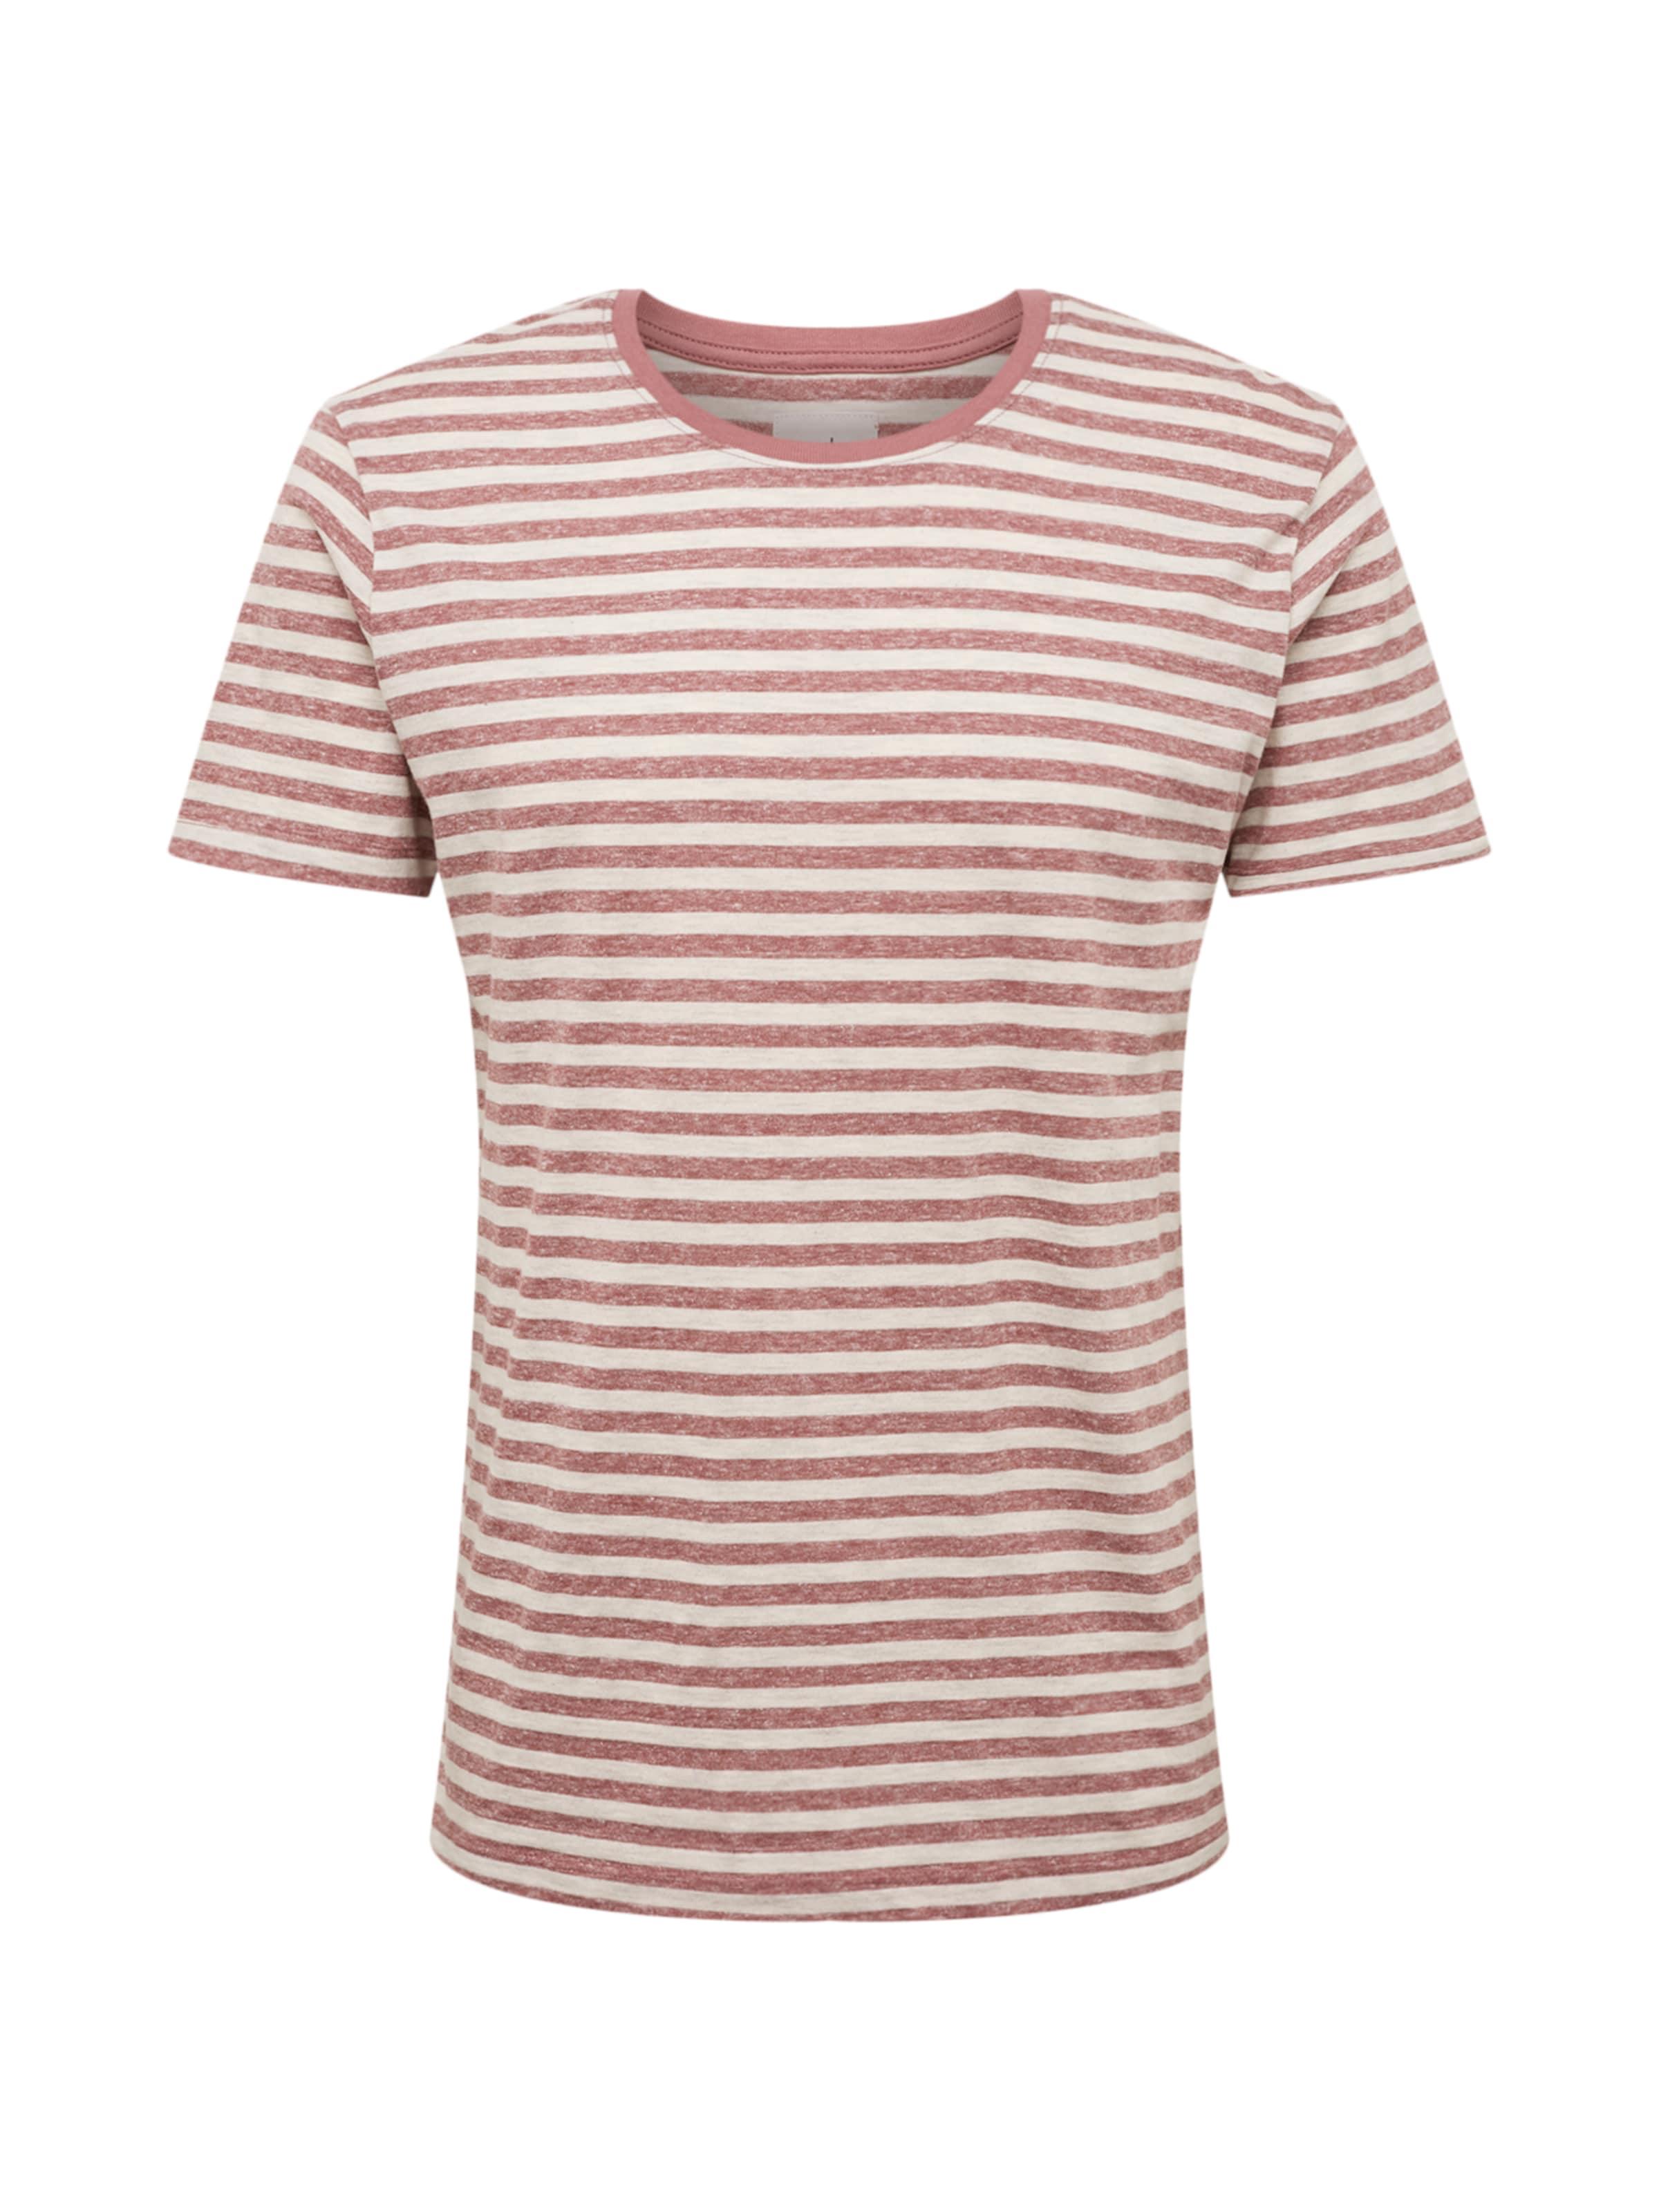 029cc2k033' Esprit En Edc 'sg Bordeaux By T shirt 80vmNwOn